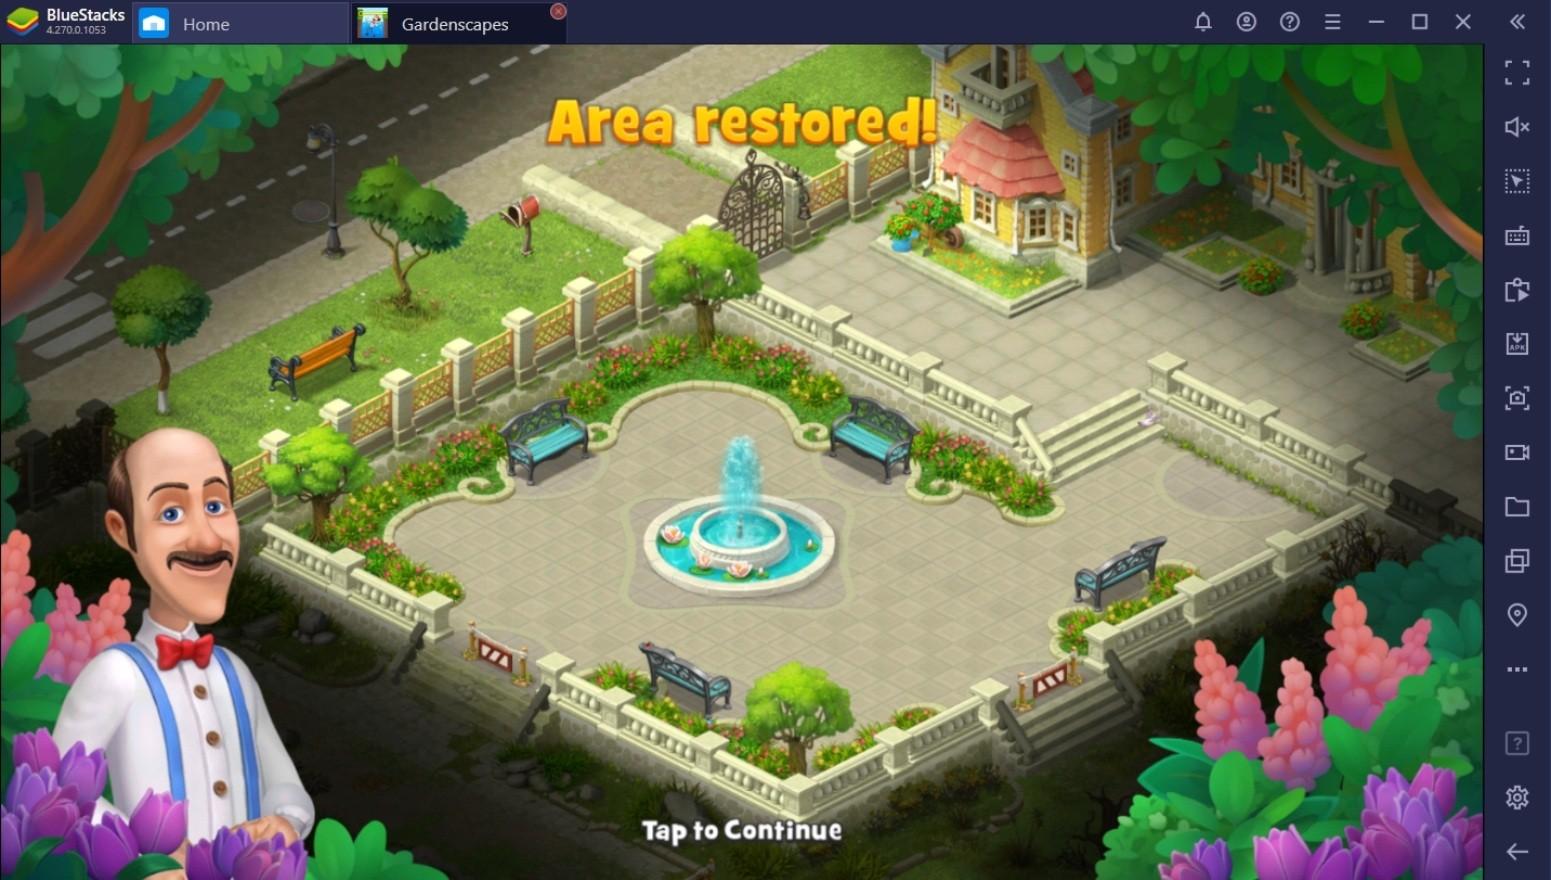 نصائح وحيل للعب بشكل أفضل في لعبة Gardenscapes